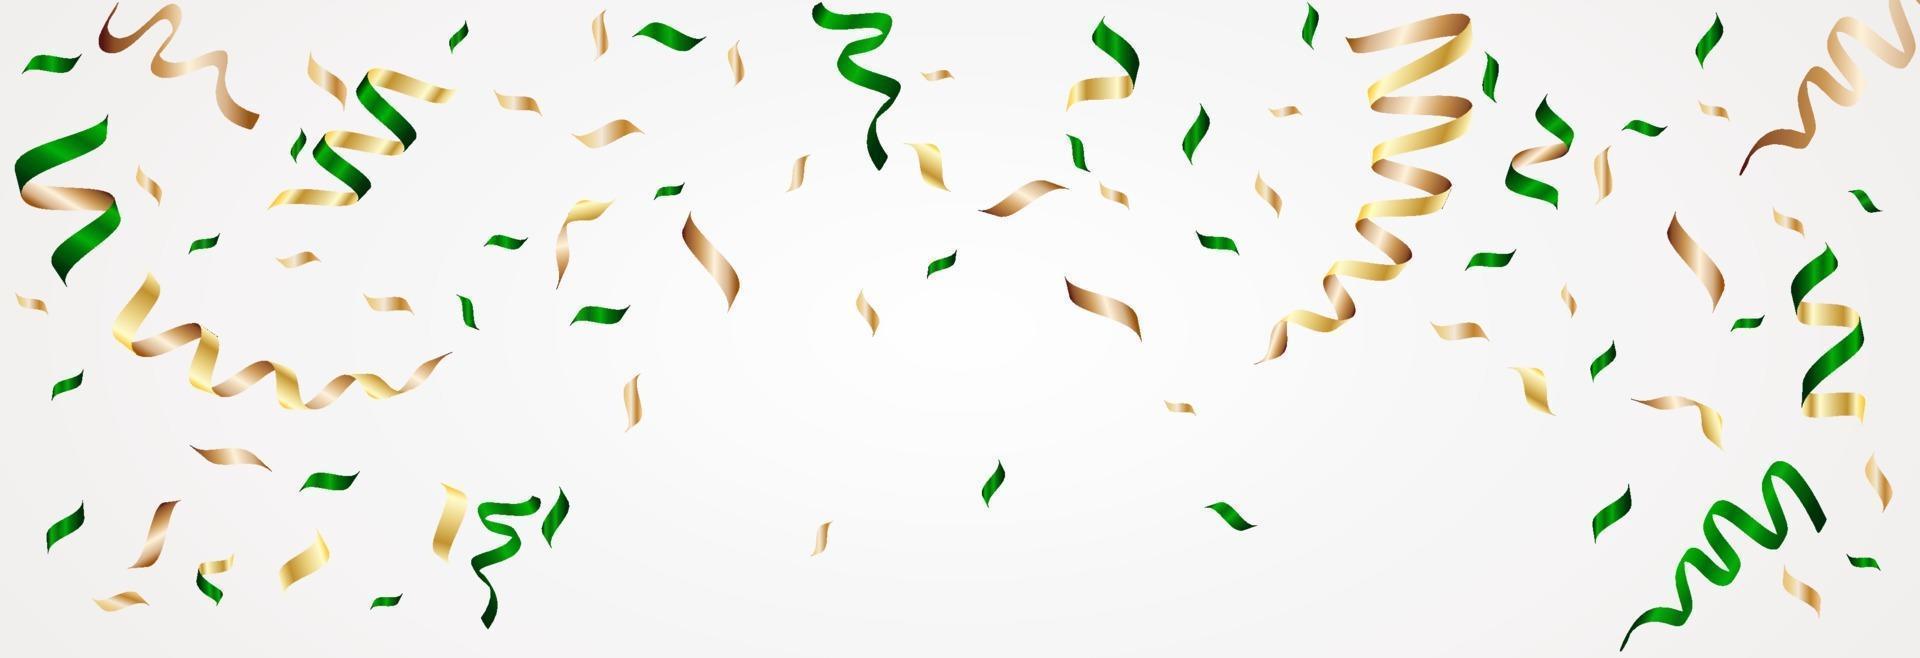 nastro e bolla festa verde e glod per capodanno, natale, compleanno su disegno vettoriale. vettore